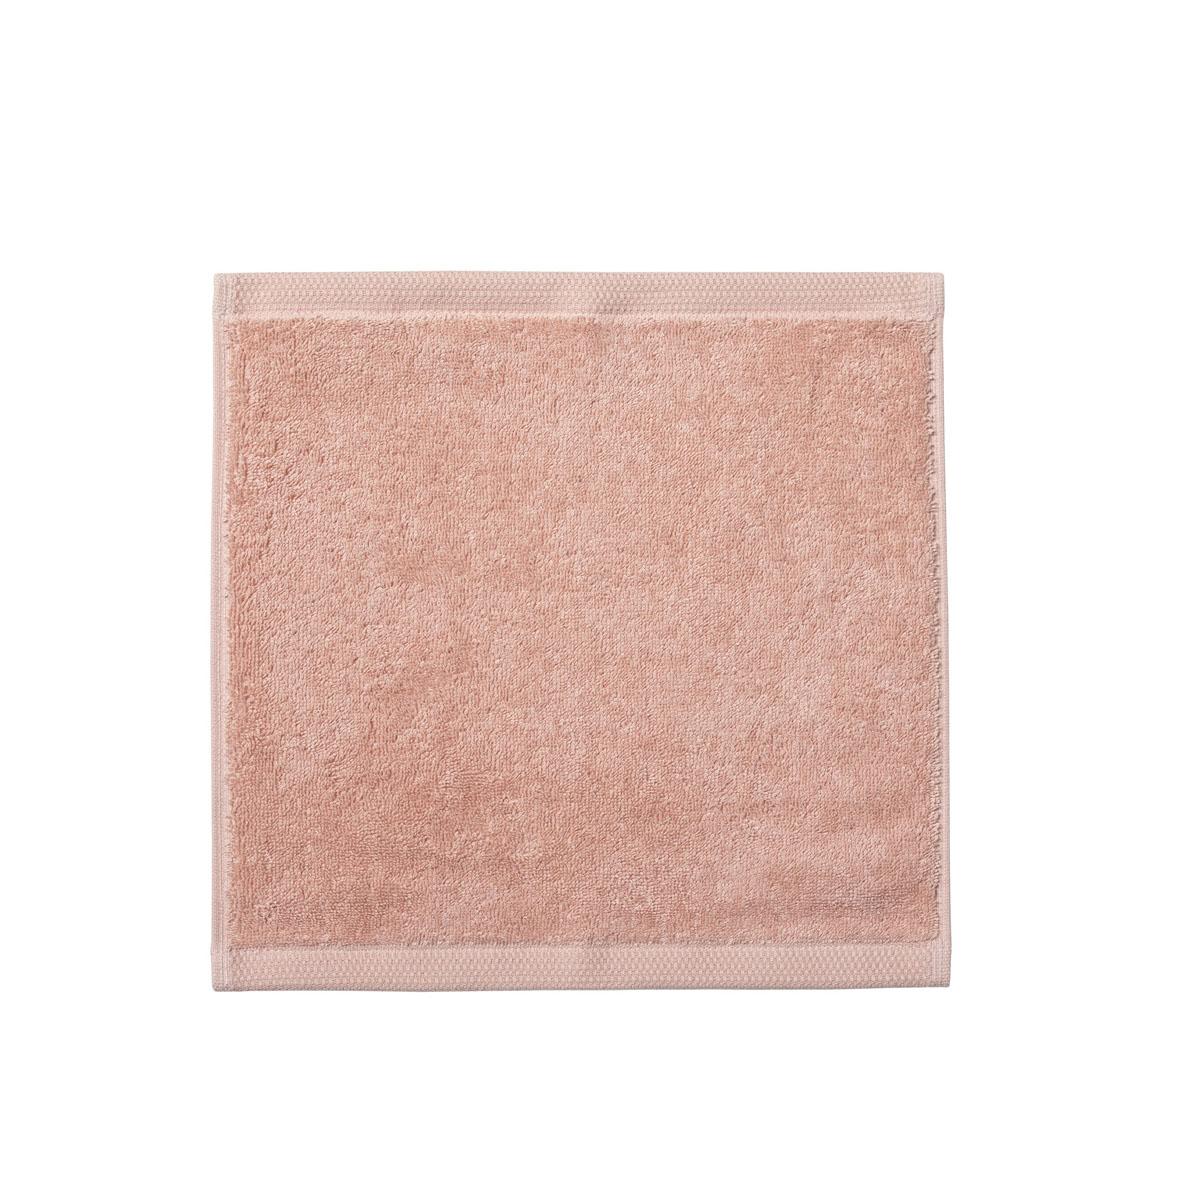 Carré visage en coton rose aurore 30x30